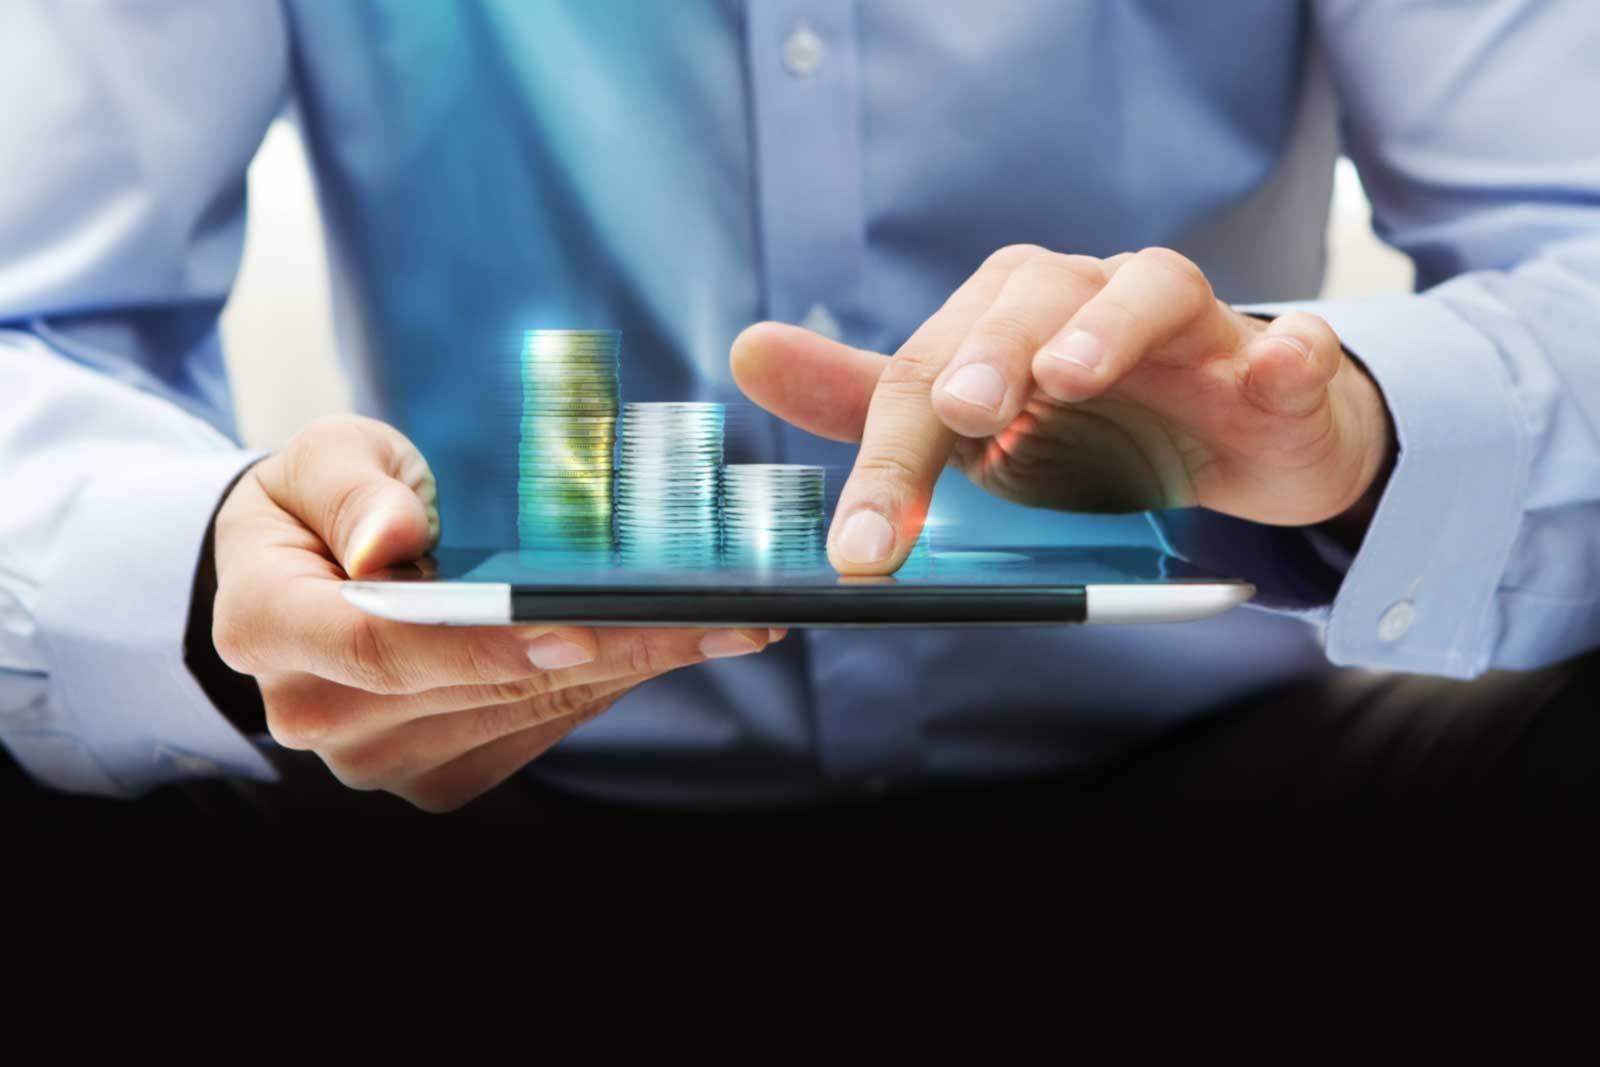 Seplafin reanuda servicio de pagos electrónicos y en línea